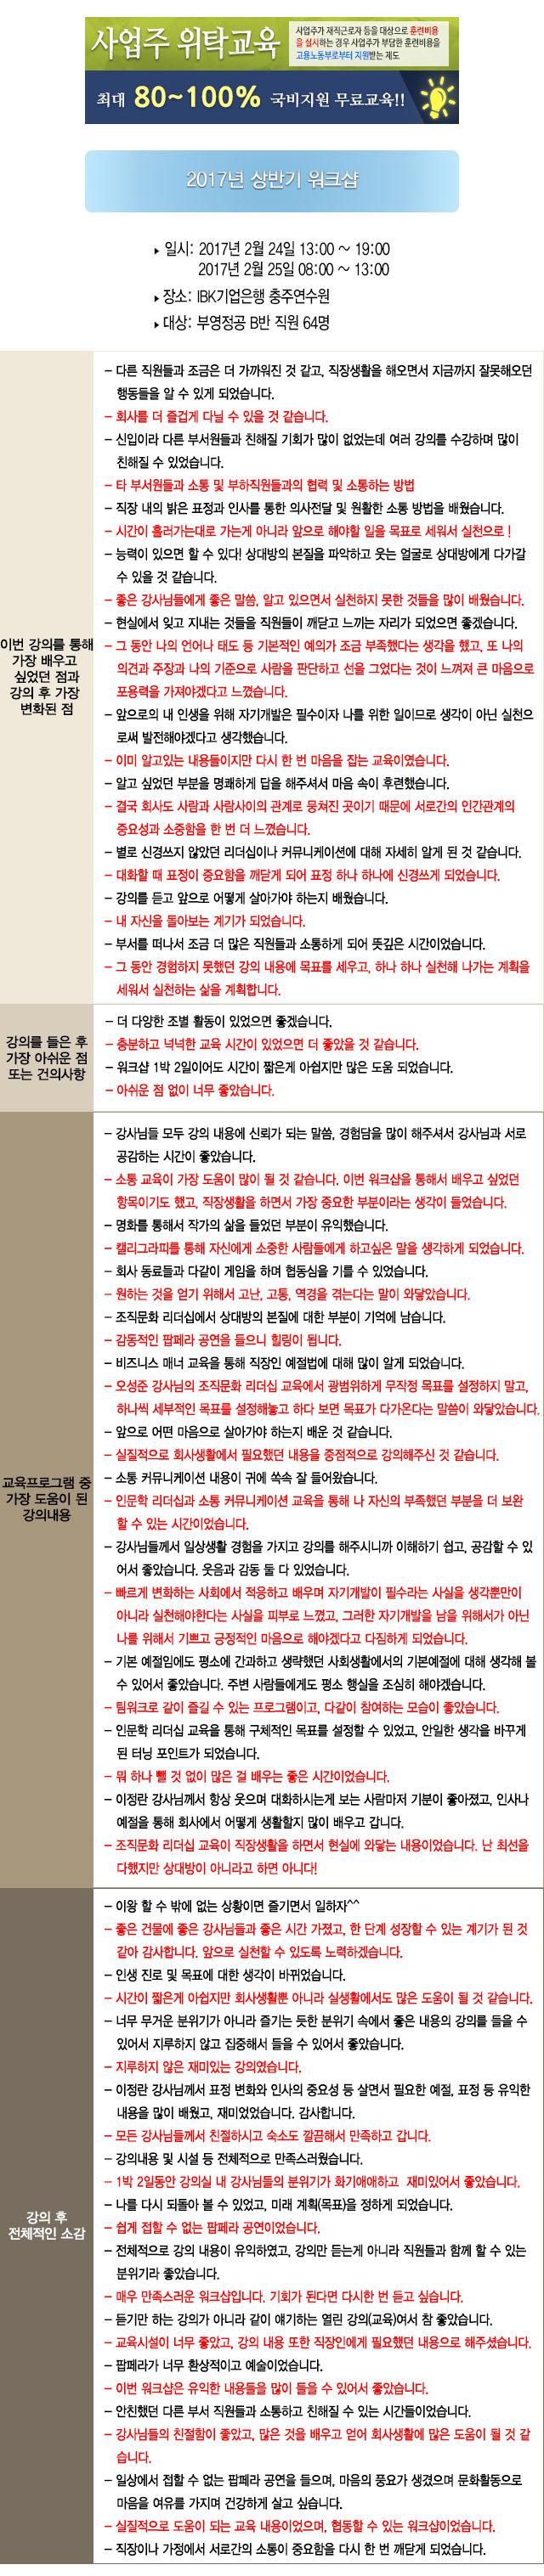 한국중앙인재개발원 후기 부영정공B.jpg